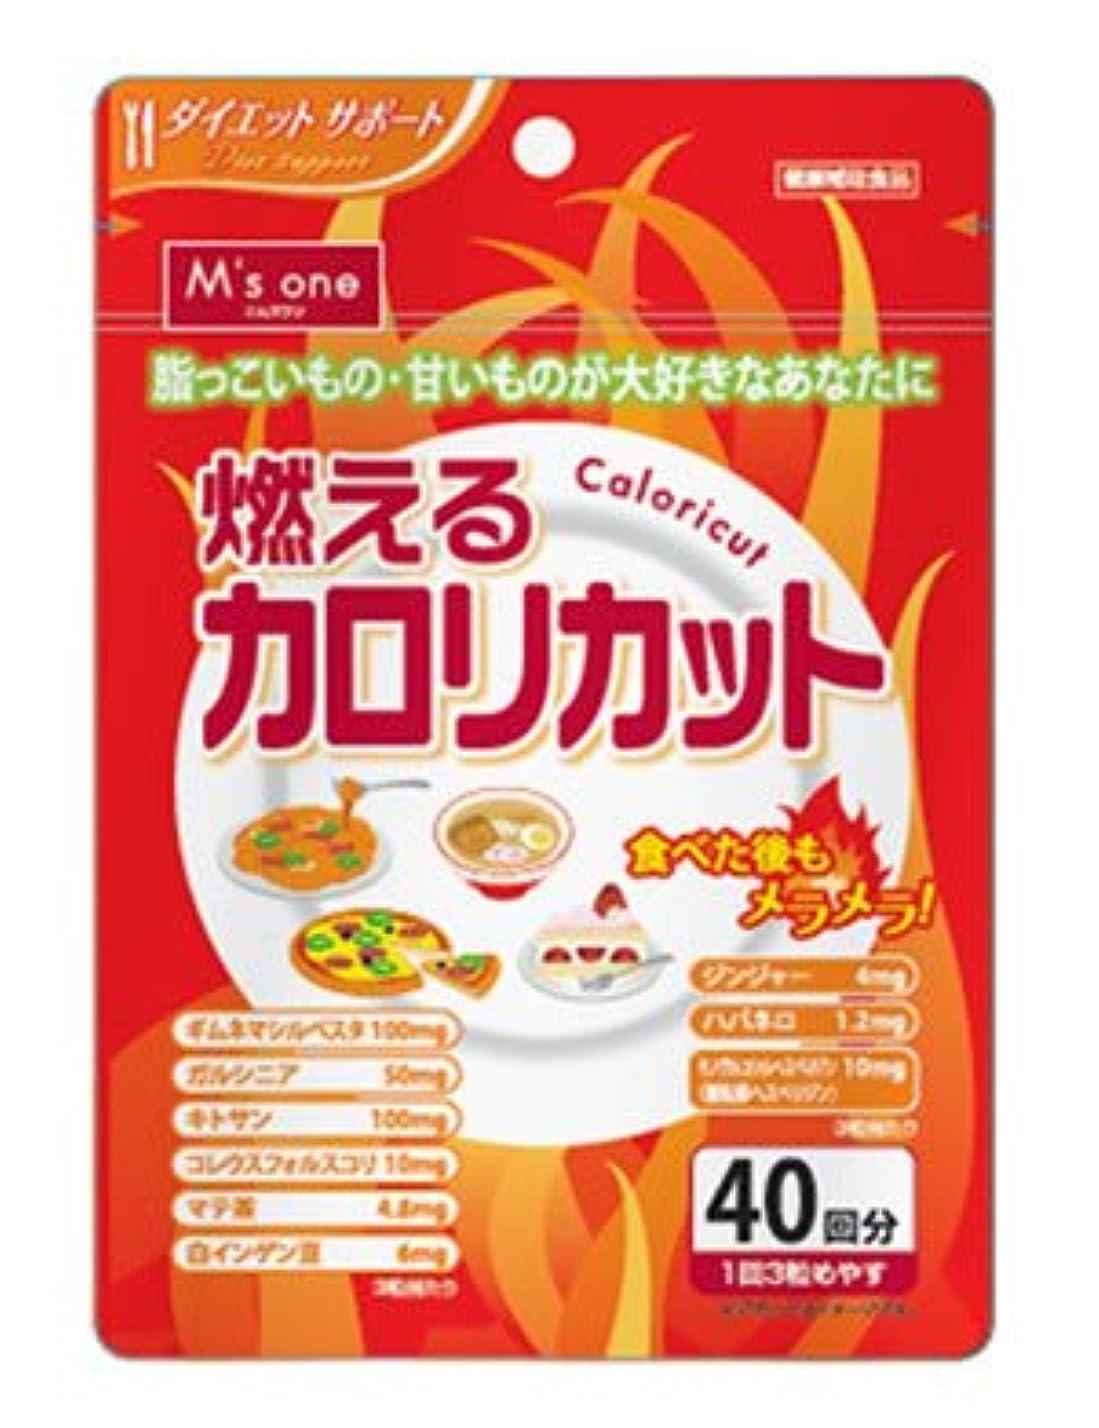 ありふれたスポンサースピンエムズワン 燃えるカロリカット ダイエットサポート サプリメント 健康補助食品 (40回分)